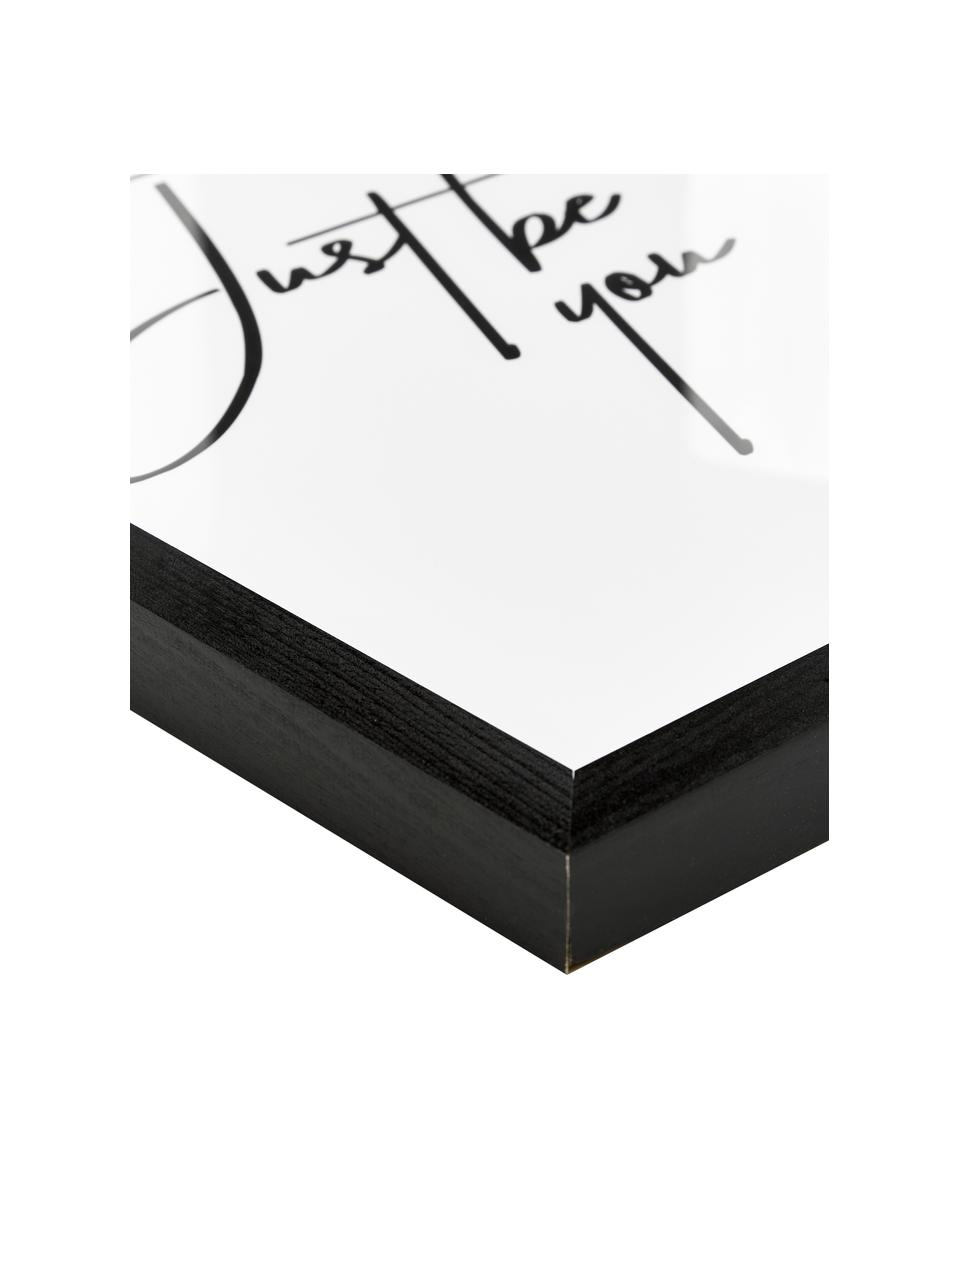 Ingelijste digitale print Just be You, Afbeelding: digitale print op papier,, Lijst: gelakt hout, Afbeelding: zwart, wit. Lijst: zwart, 33 x 43 cm